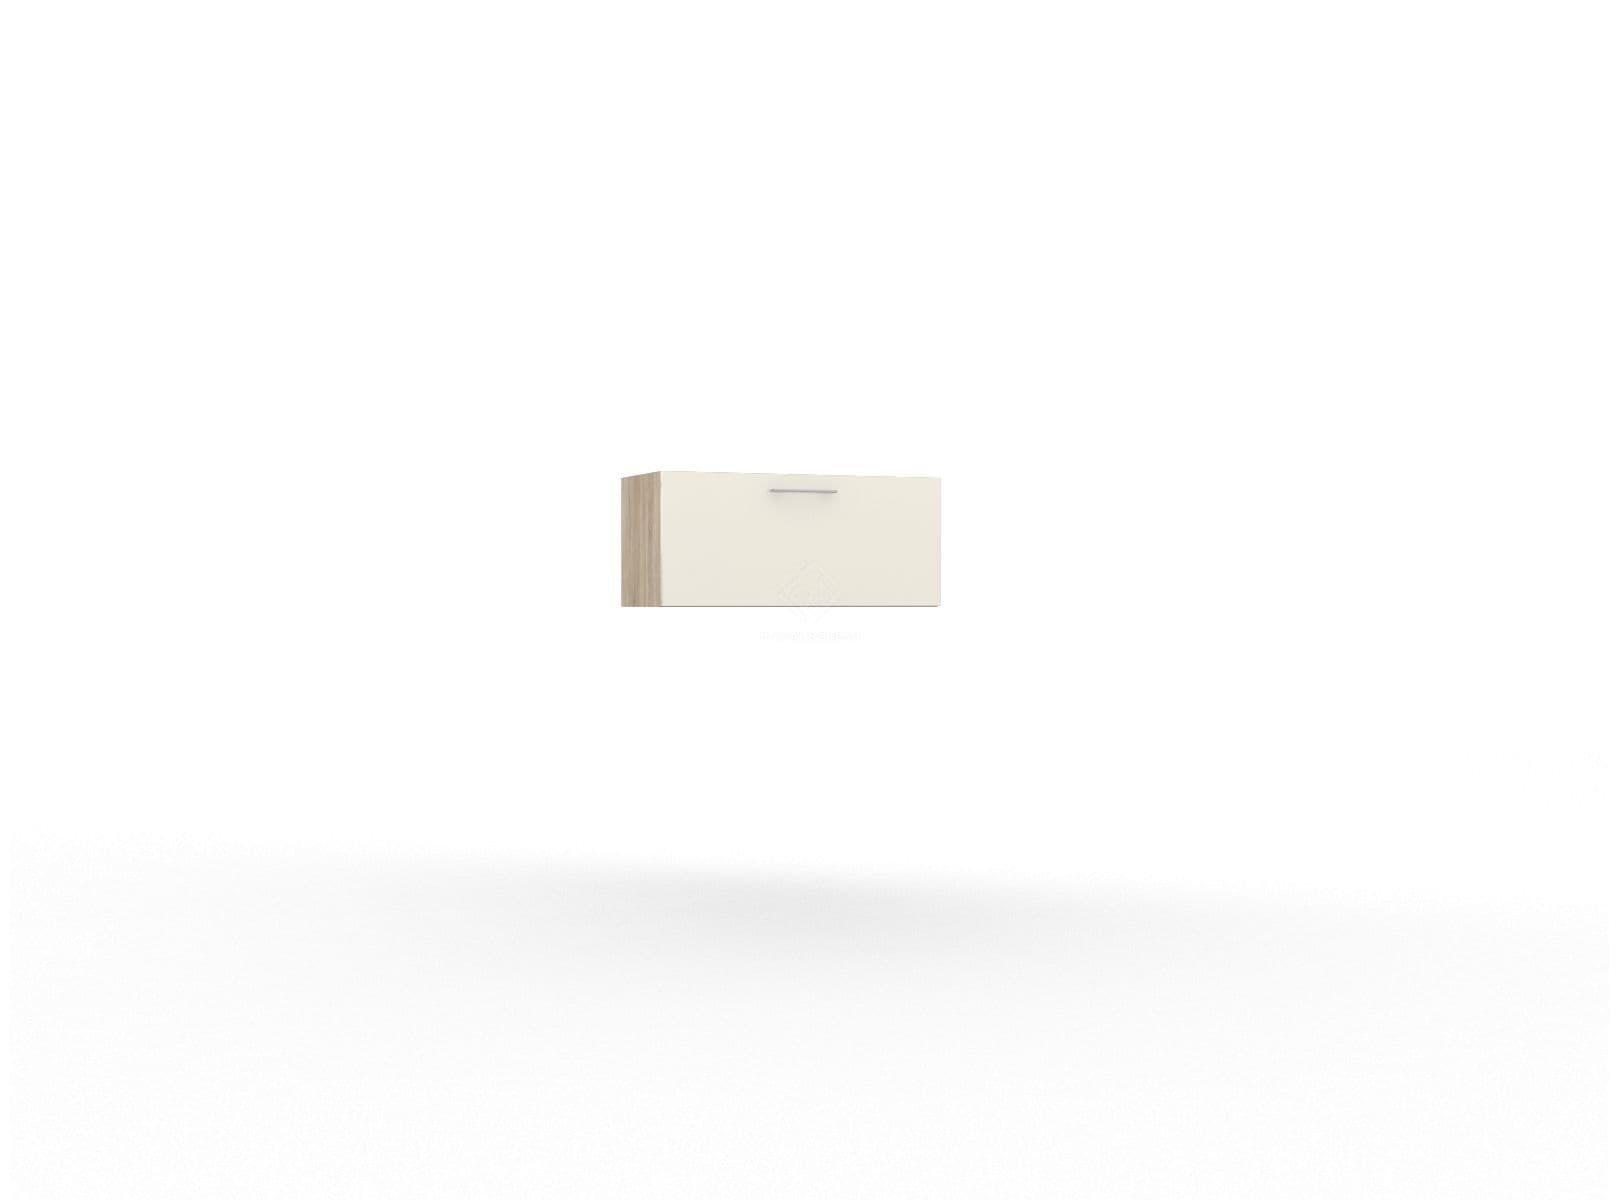 Фото - LUCIDO, Шкаф горизонтальный 800 ШГ-02 (н), нижнее открывание, мдф дуб сонома/тон крем (№2)